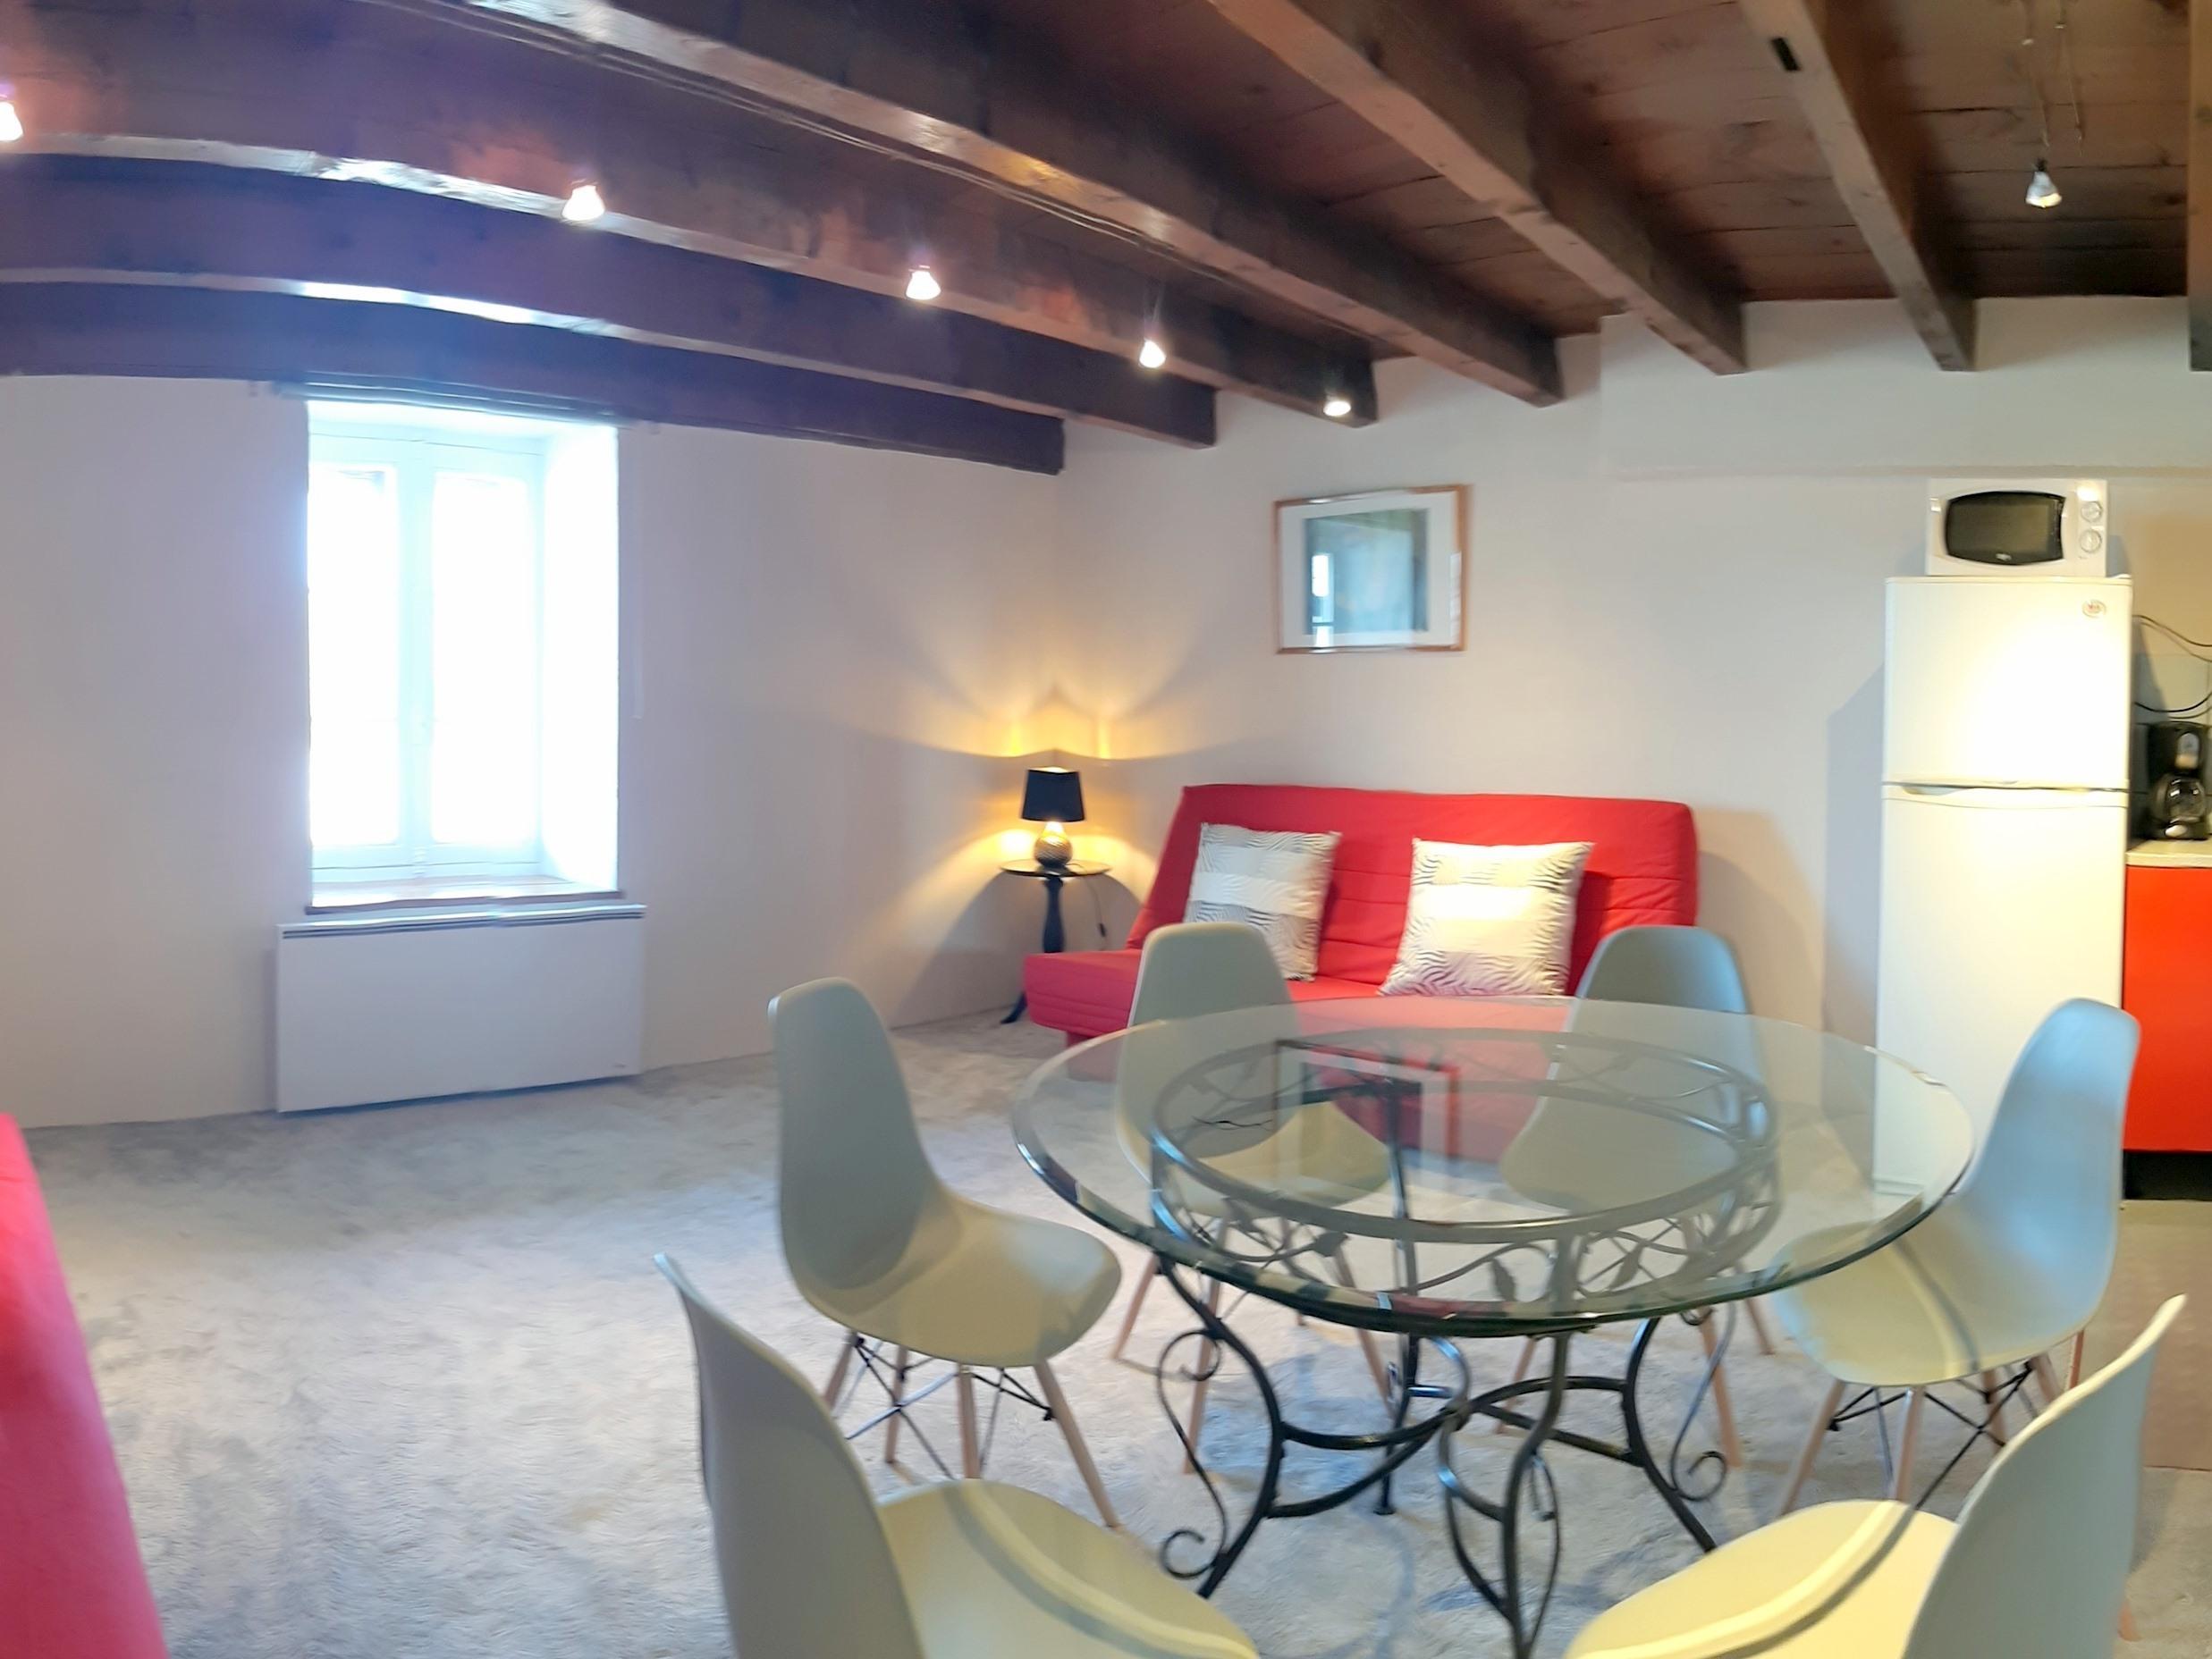 Appartement-Confort-Vue sur la campagne-au 1 étage-Salle de bain privée séparée - Tarif de base